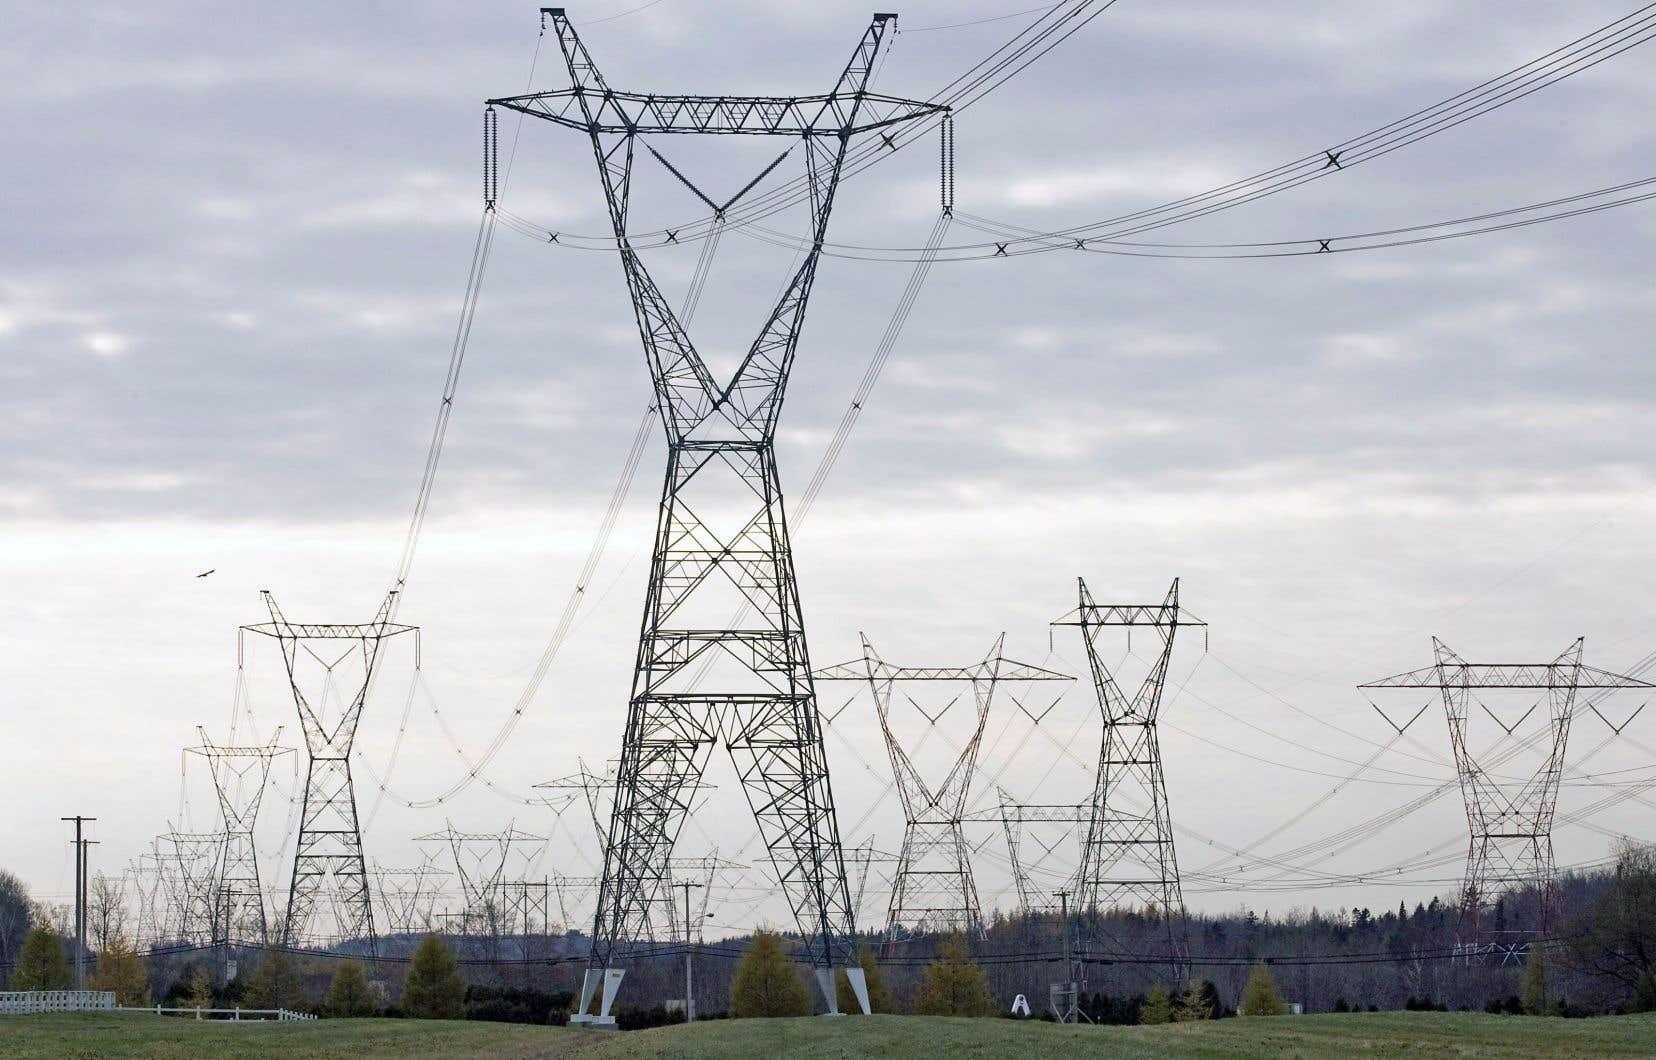 Les exportations nettes d'électricité d'Hydro-Québec Production ont crû de 15 millions pour s'établir à 486 millions.